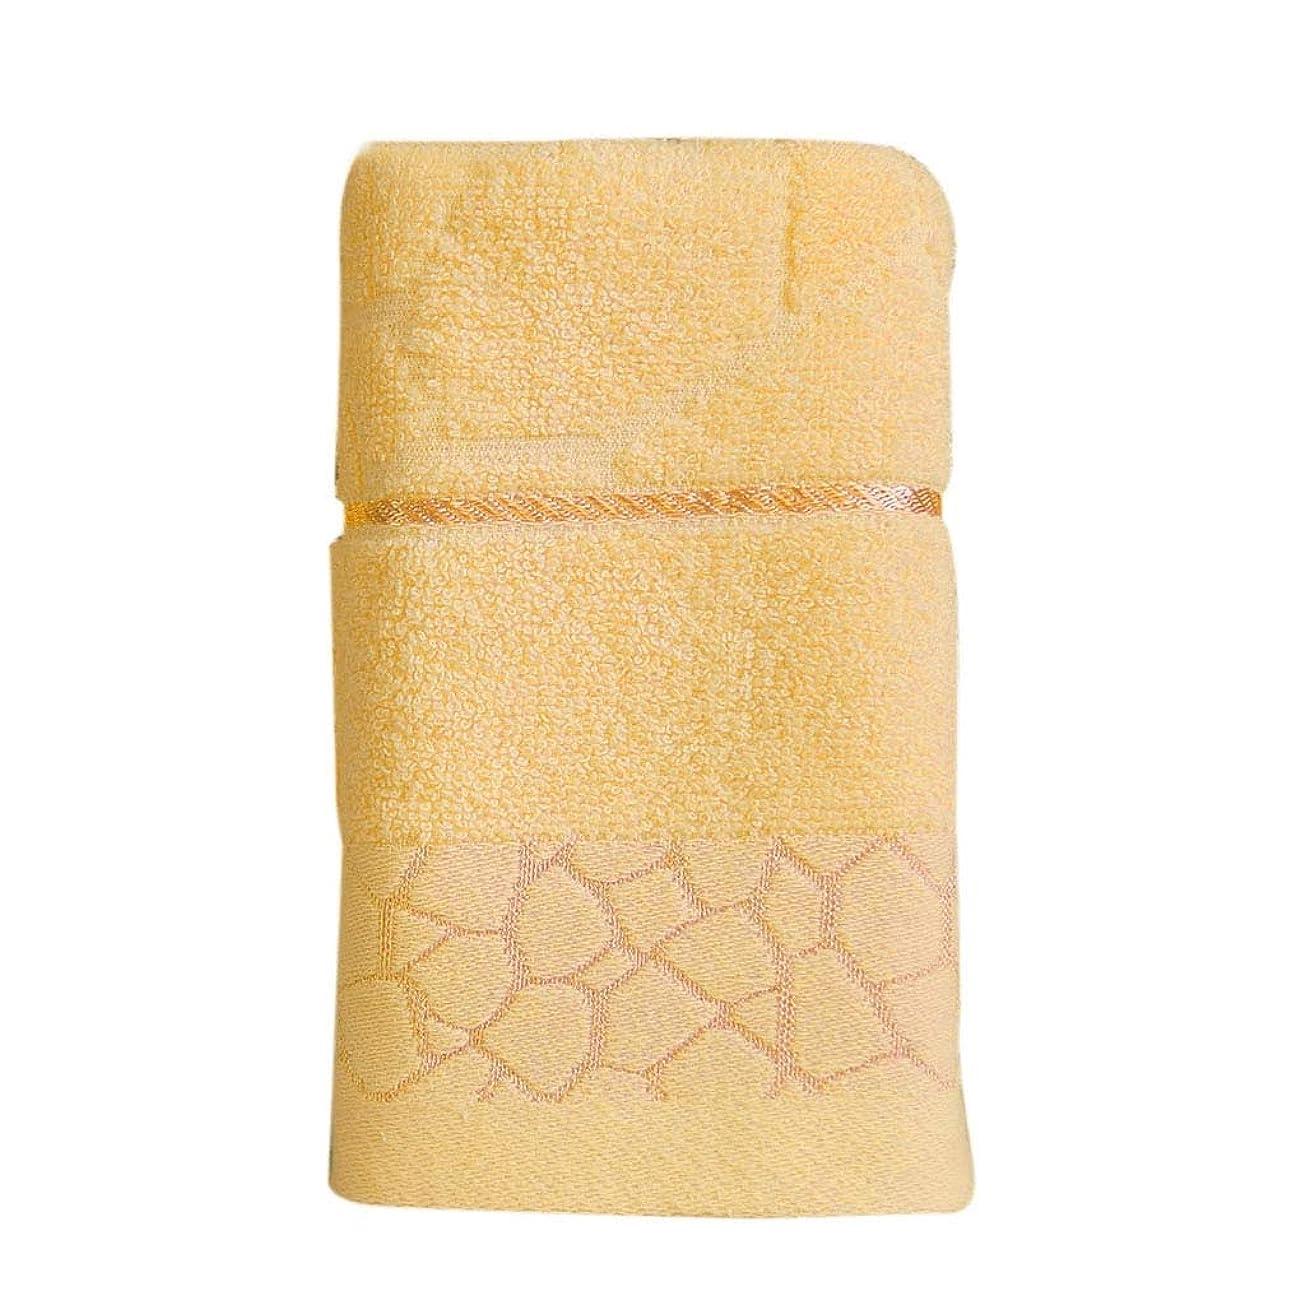 苦評価可能のりMaxcrestas - ウォーターキューブパターンピュアコットンタオルビーチバース吸収乾燥布